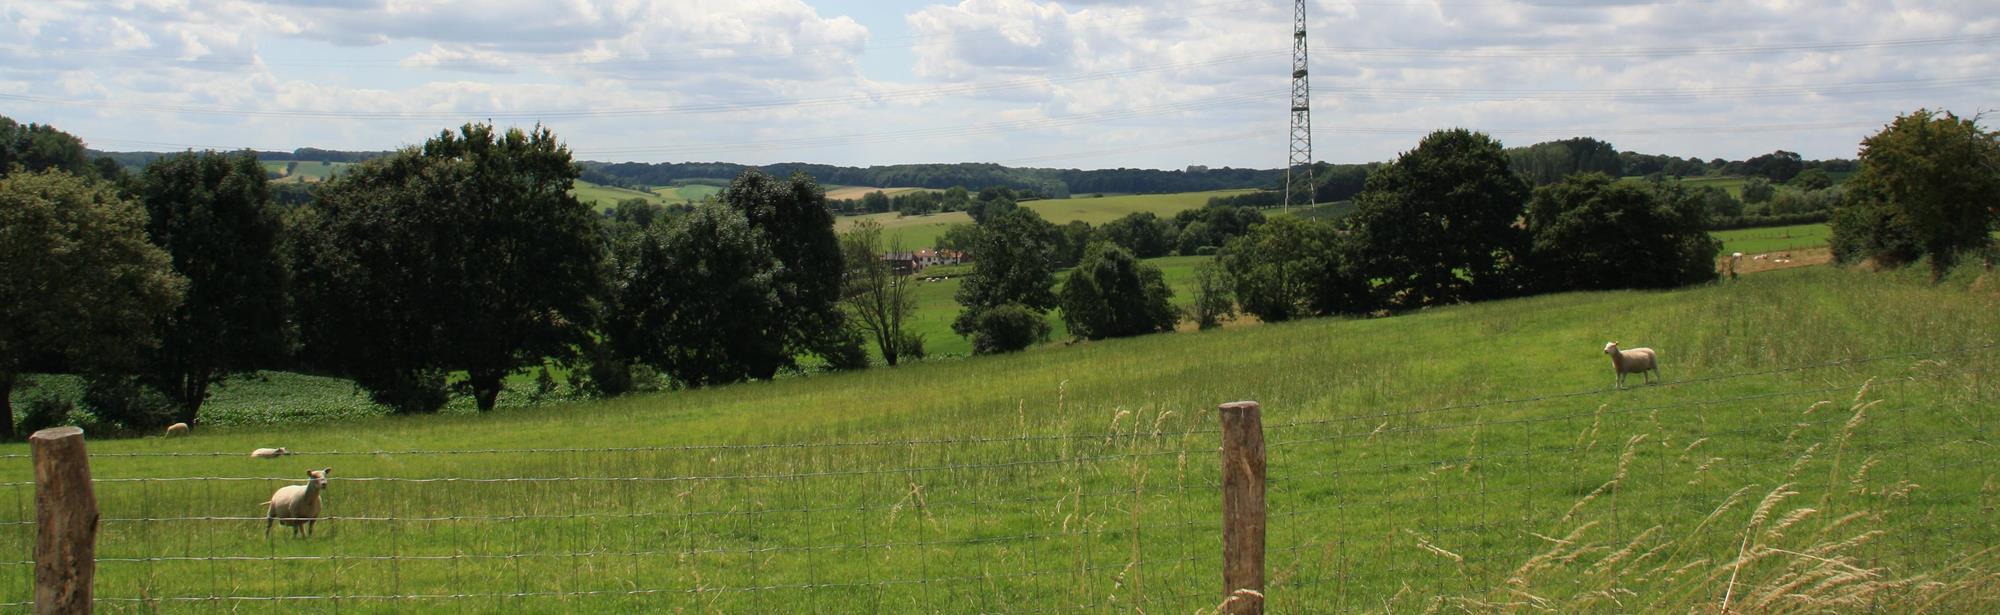 Biologische boerderij-route V1 Voerendaal